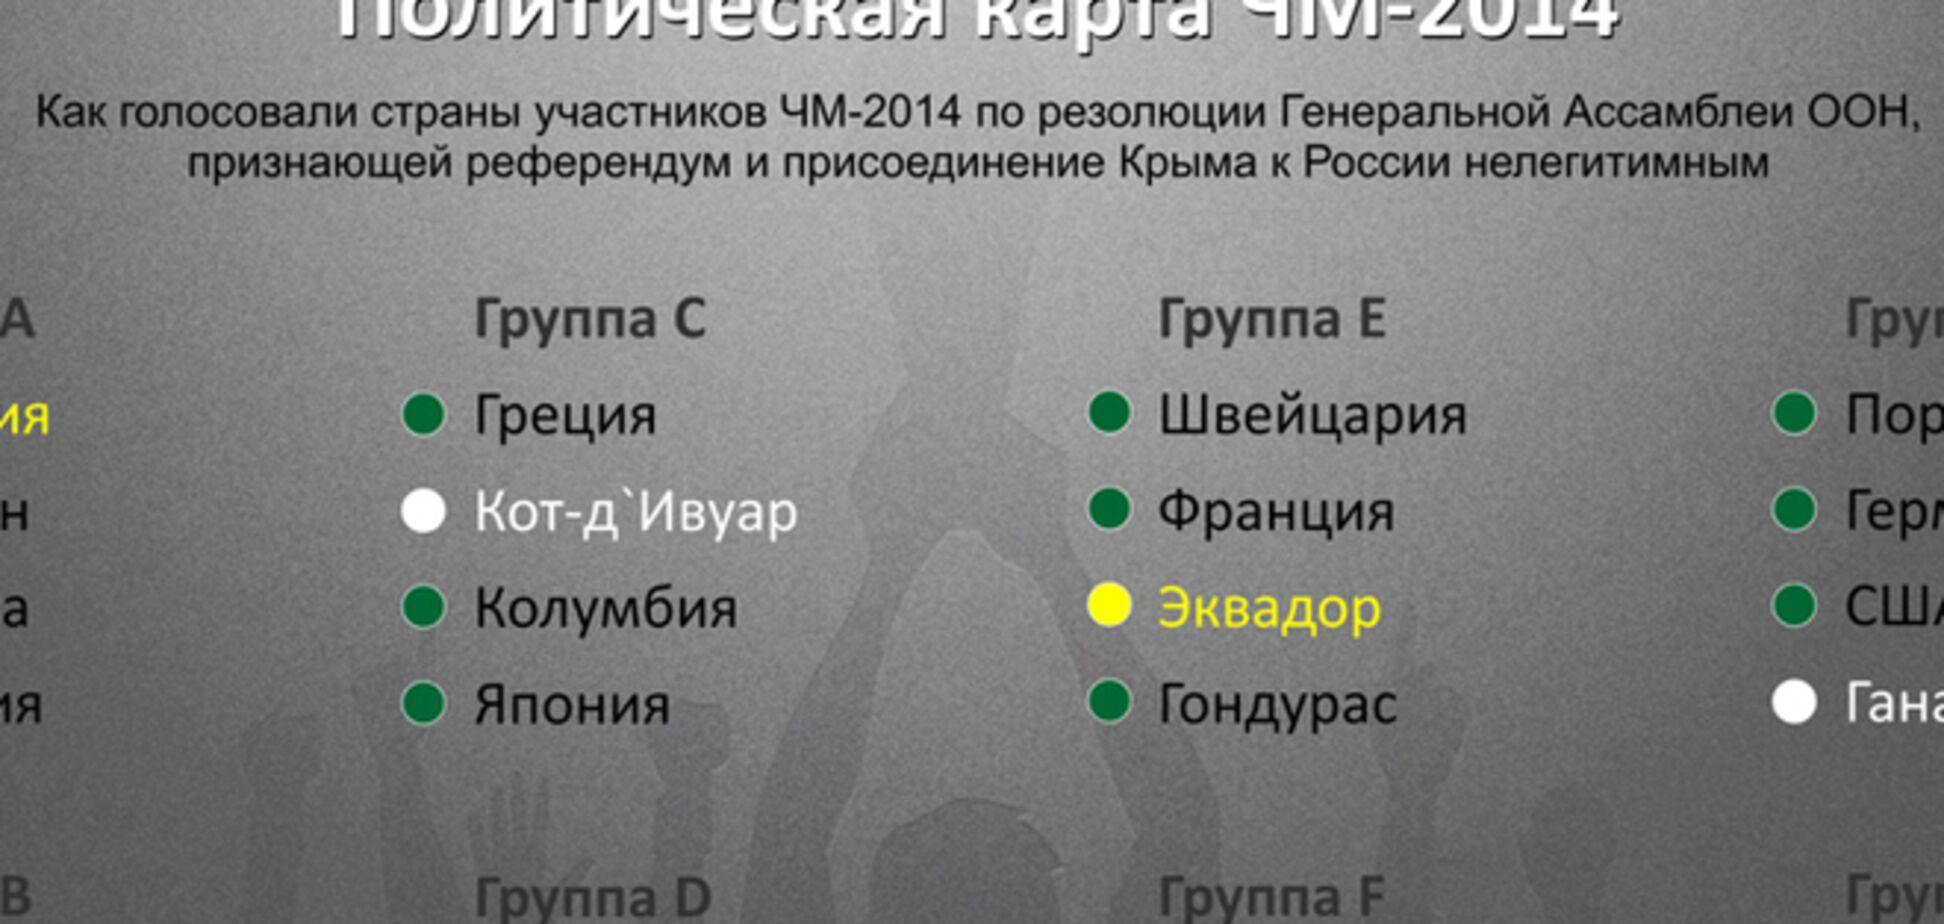 Болеть нельзя освистывать. Какие страны ЧМ-2014 не осудили аннексию Крыма